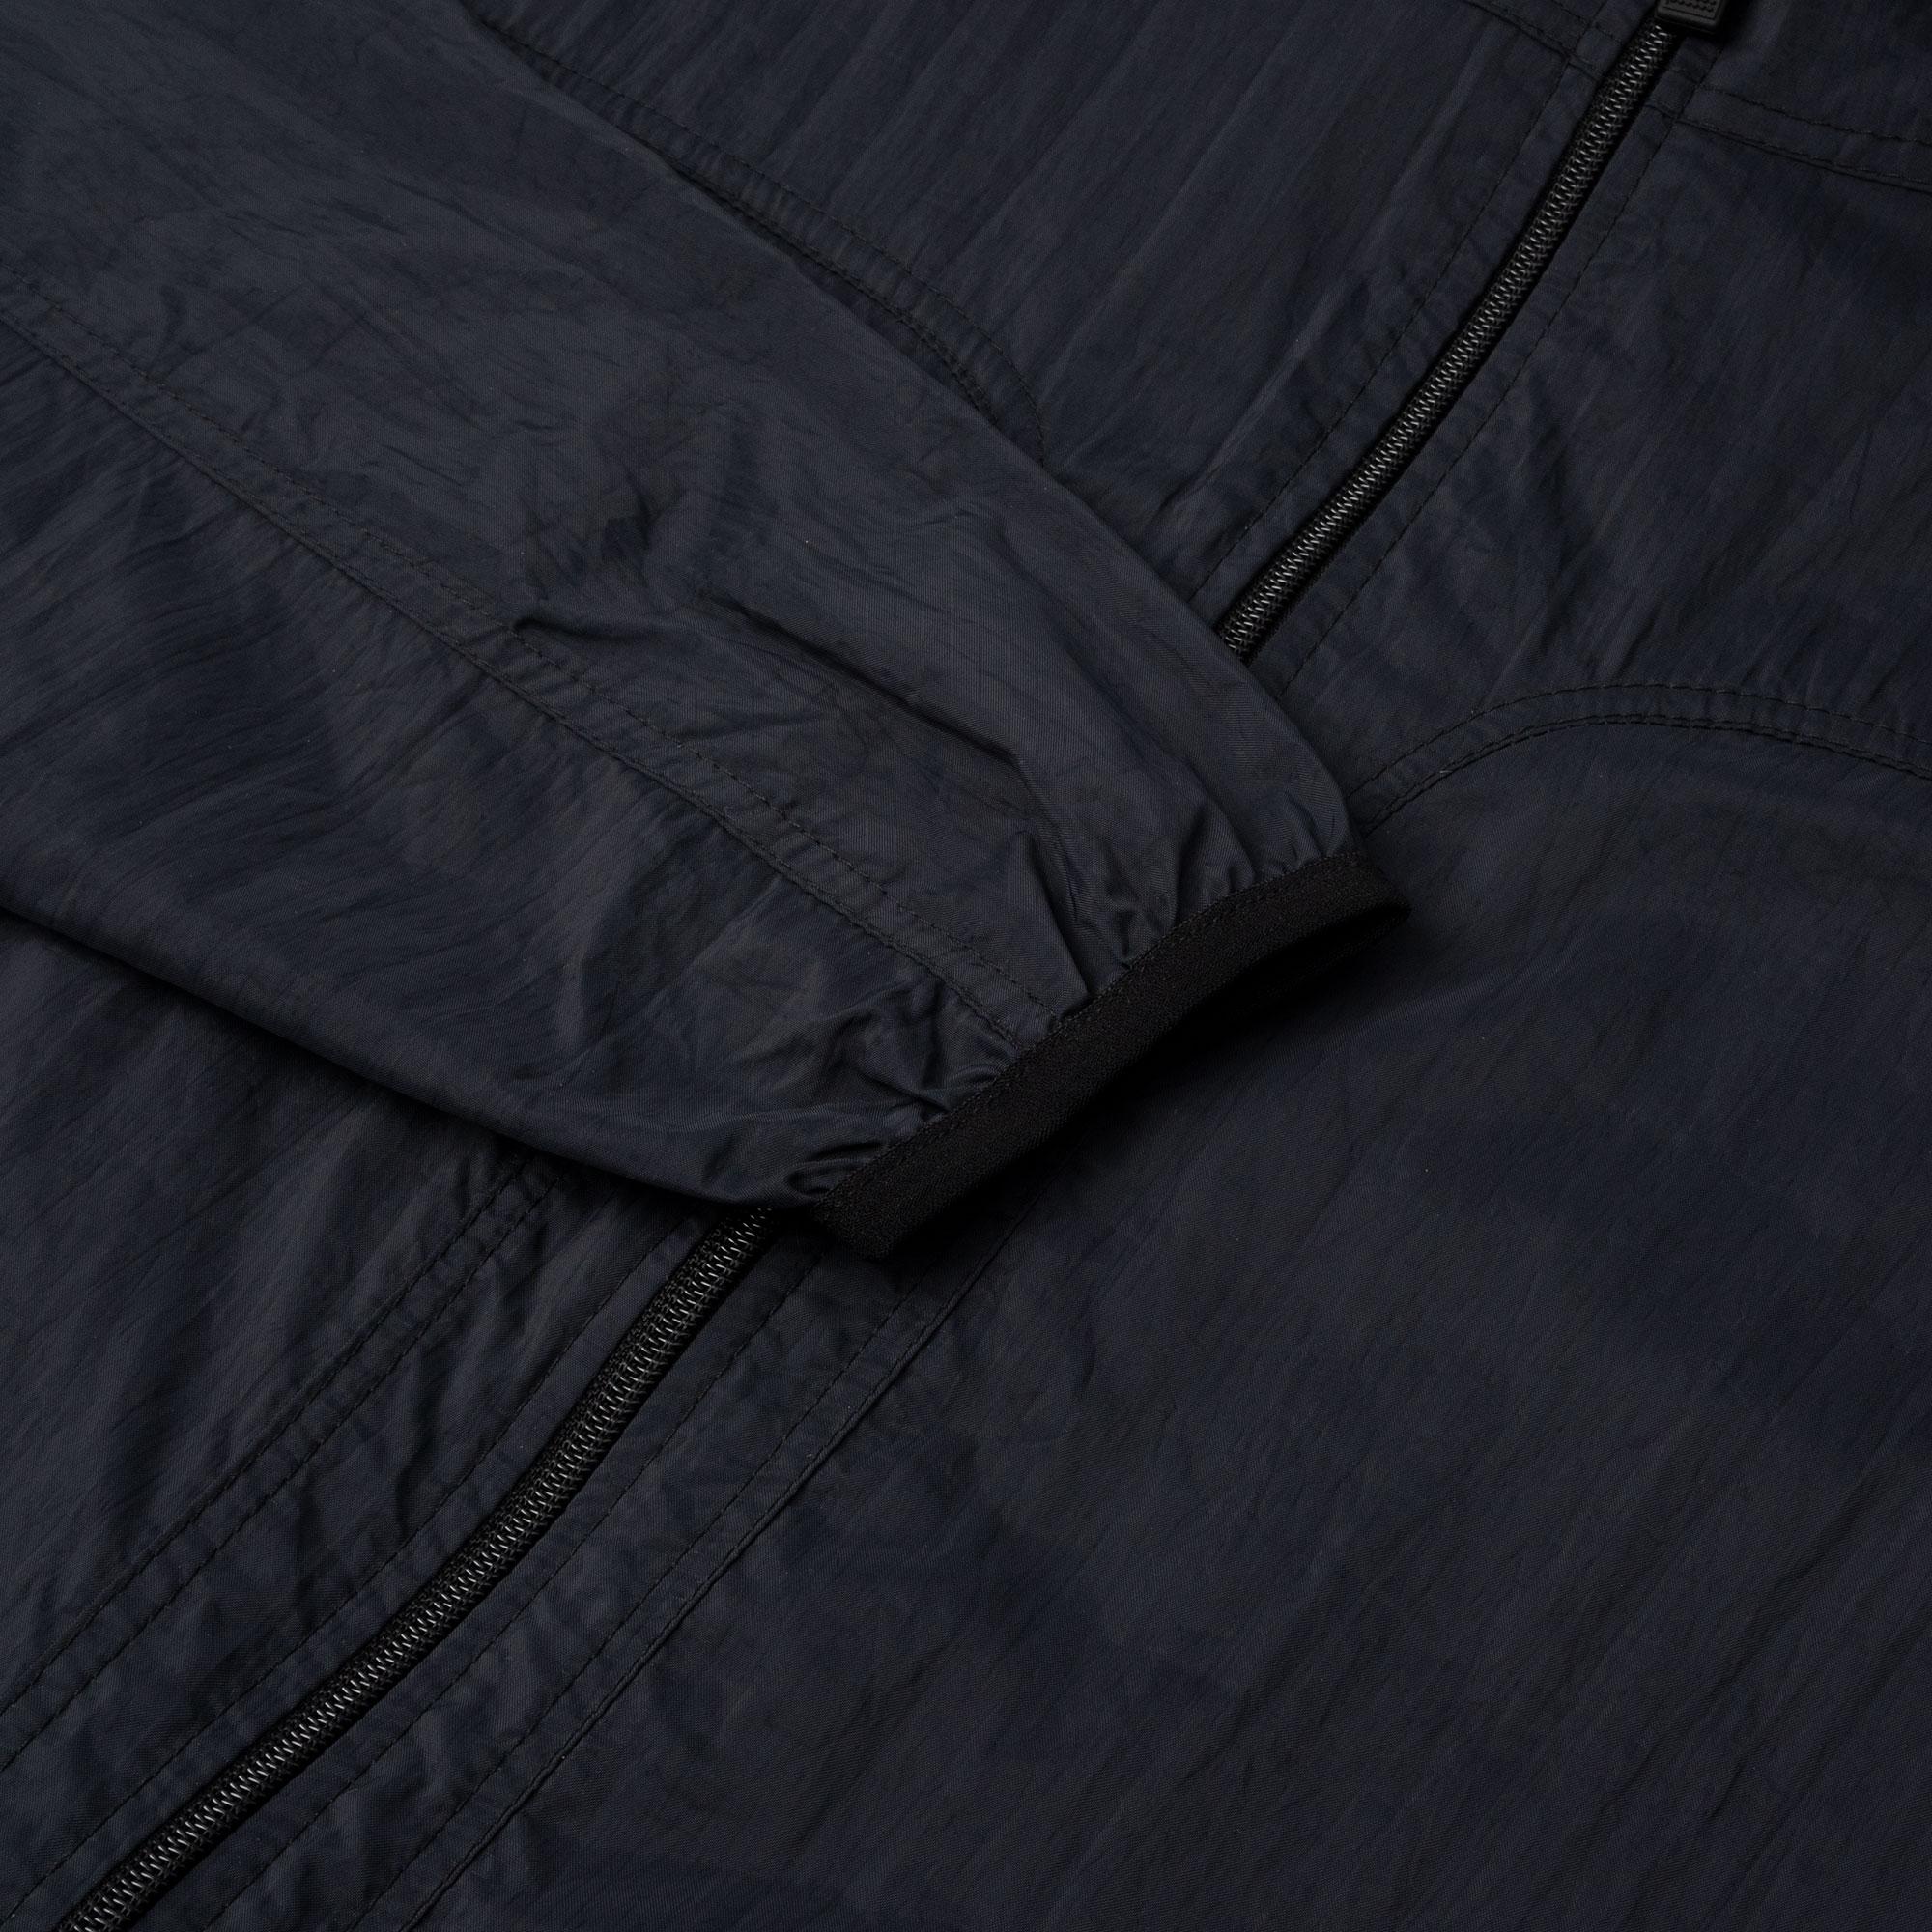 Rain_Jacket_Black